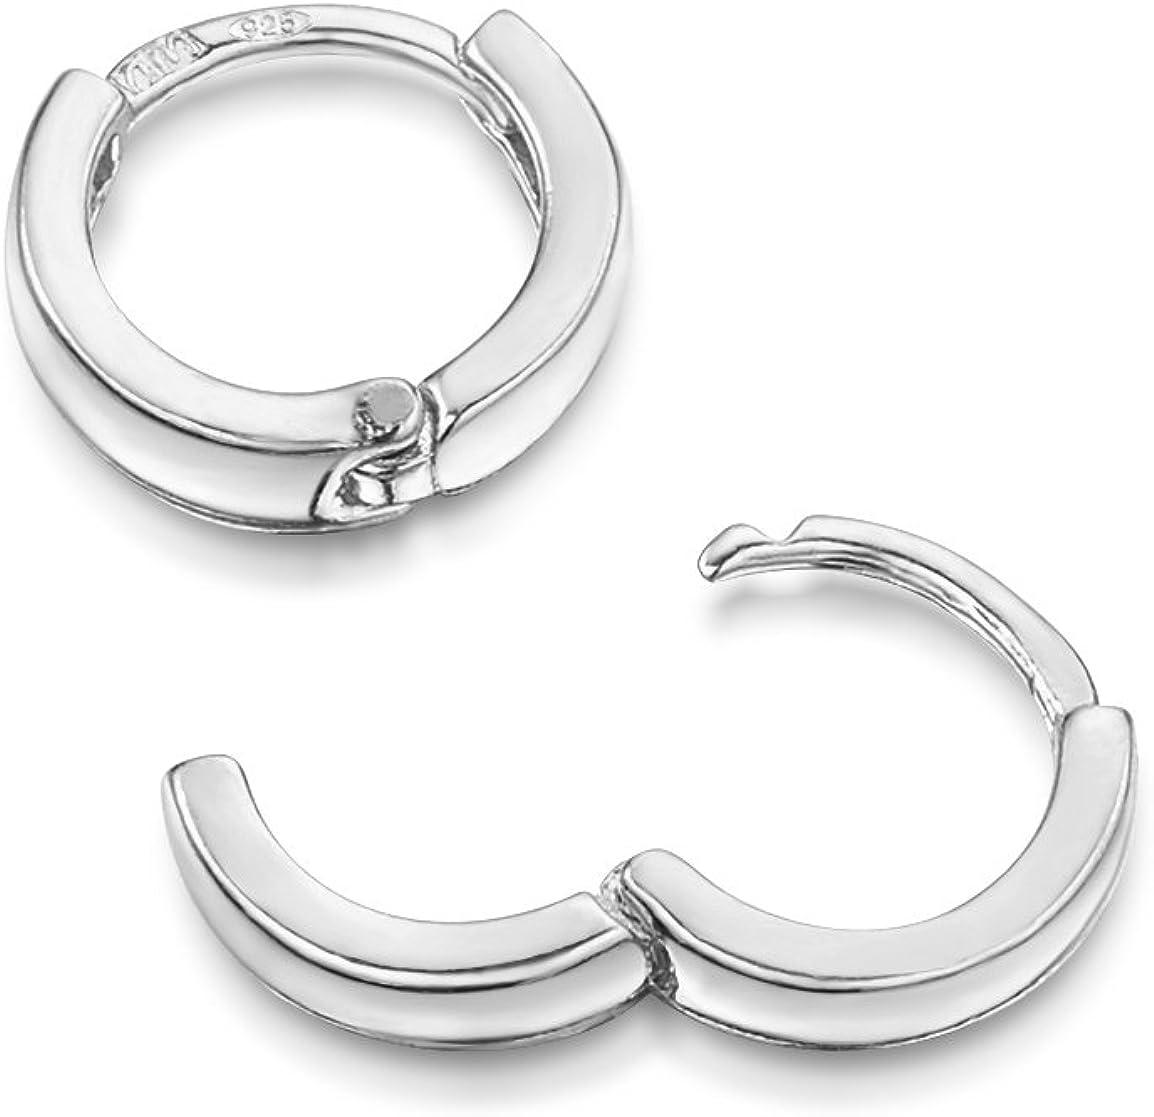 Amberta 925 Plata De Ley Pendiente De Aro Fino Con Cierre De Bisagra – Pendientes De Aro Tipo Criolla – Diámetro: 10 20 45 65 mm